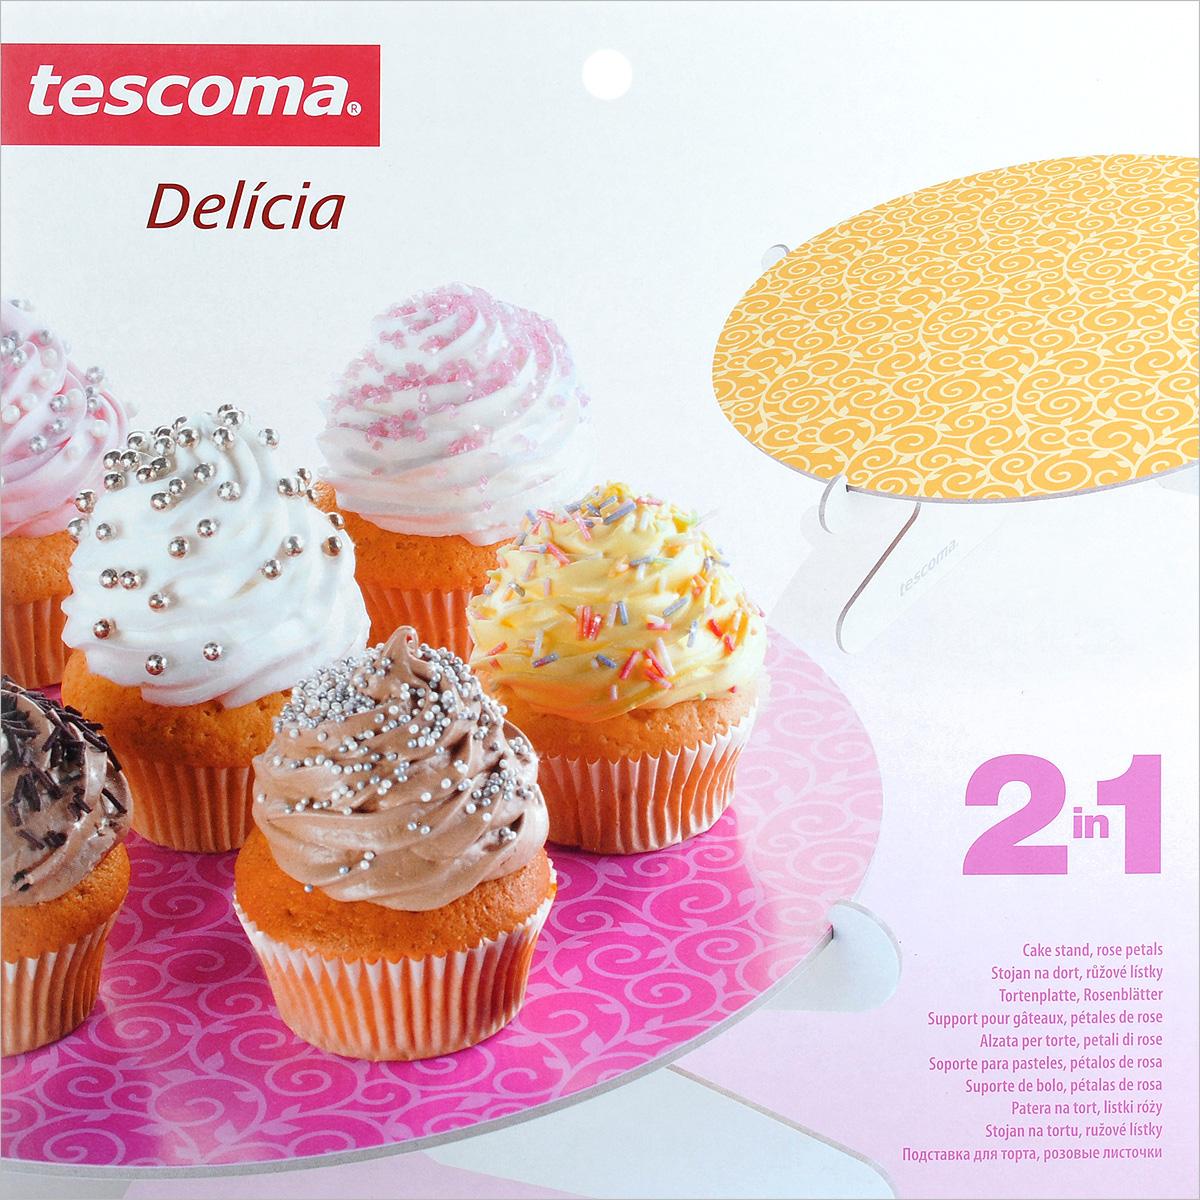 Подставка для торта Tescoma Delicia. Розовые листочки, диаметр 28,5 см630734Подставка для торта Tescoma Delicia. Розовые листочки идеально подходит для стильной сервировки тортов и десертов. Изготовлена из очень толстого картона, обработанного пластичной смазкой, что сохранит его от влажности. Двухсторонняя печать с красивым узором в виде листочков придает изделию изысканный внешний вид. Подставка оснащена специальным стендом-ножками, он очень прочный и устойчивый, легко собирается. Подставку можно использовать повторно. Промойте под проточной водой и протрите сухой тканью. Диаметр подставки: 28,5 см.